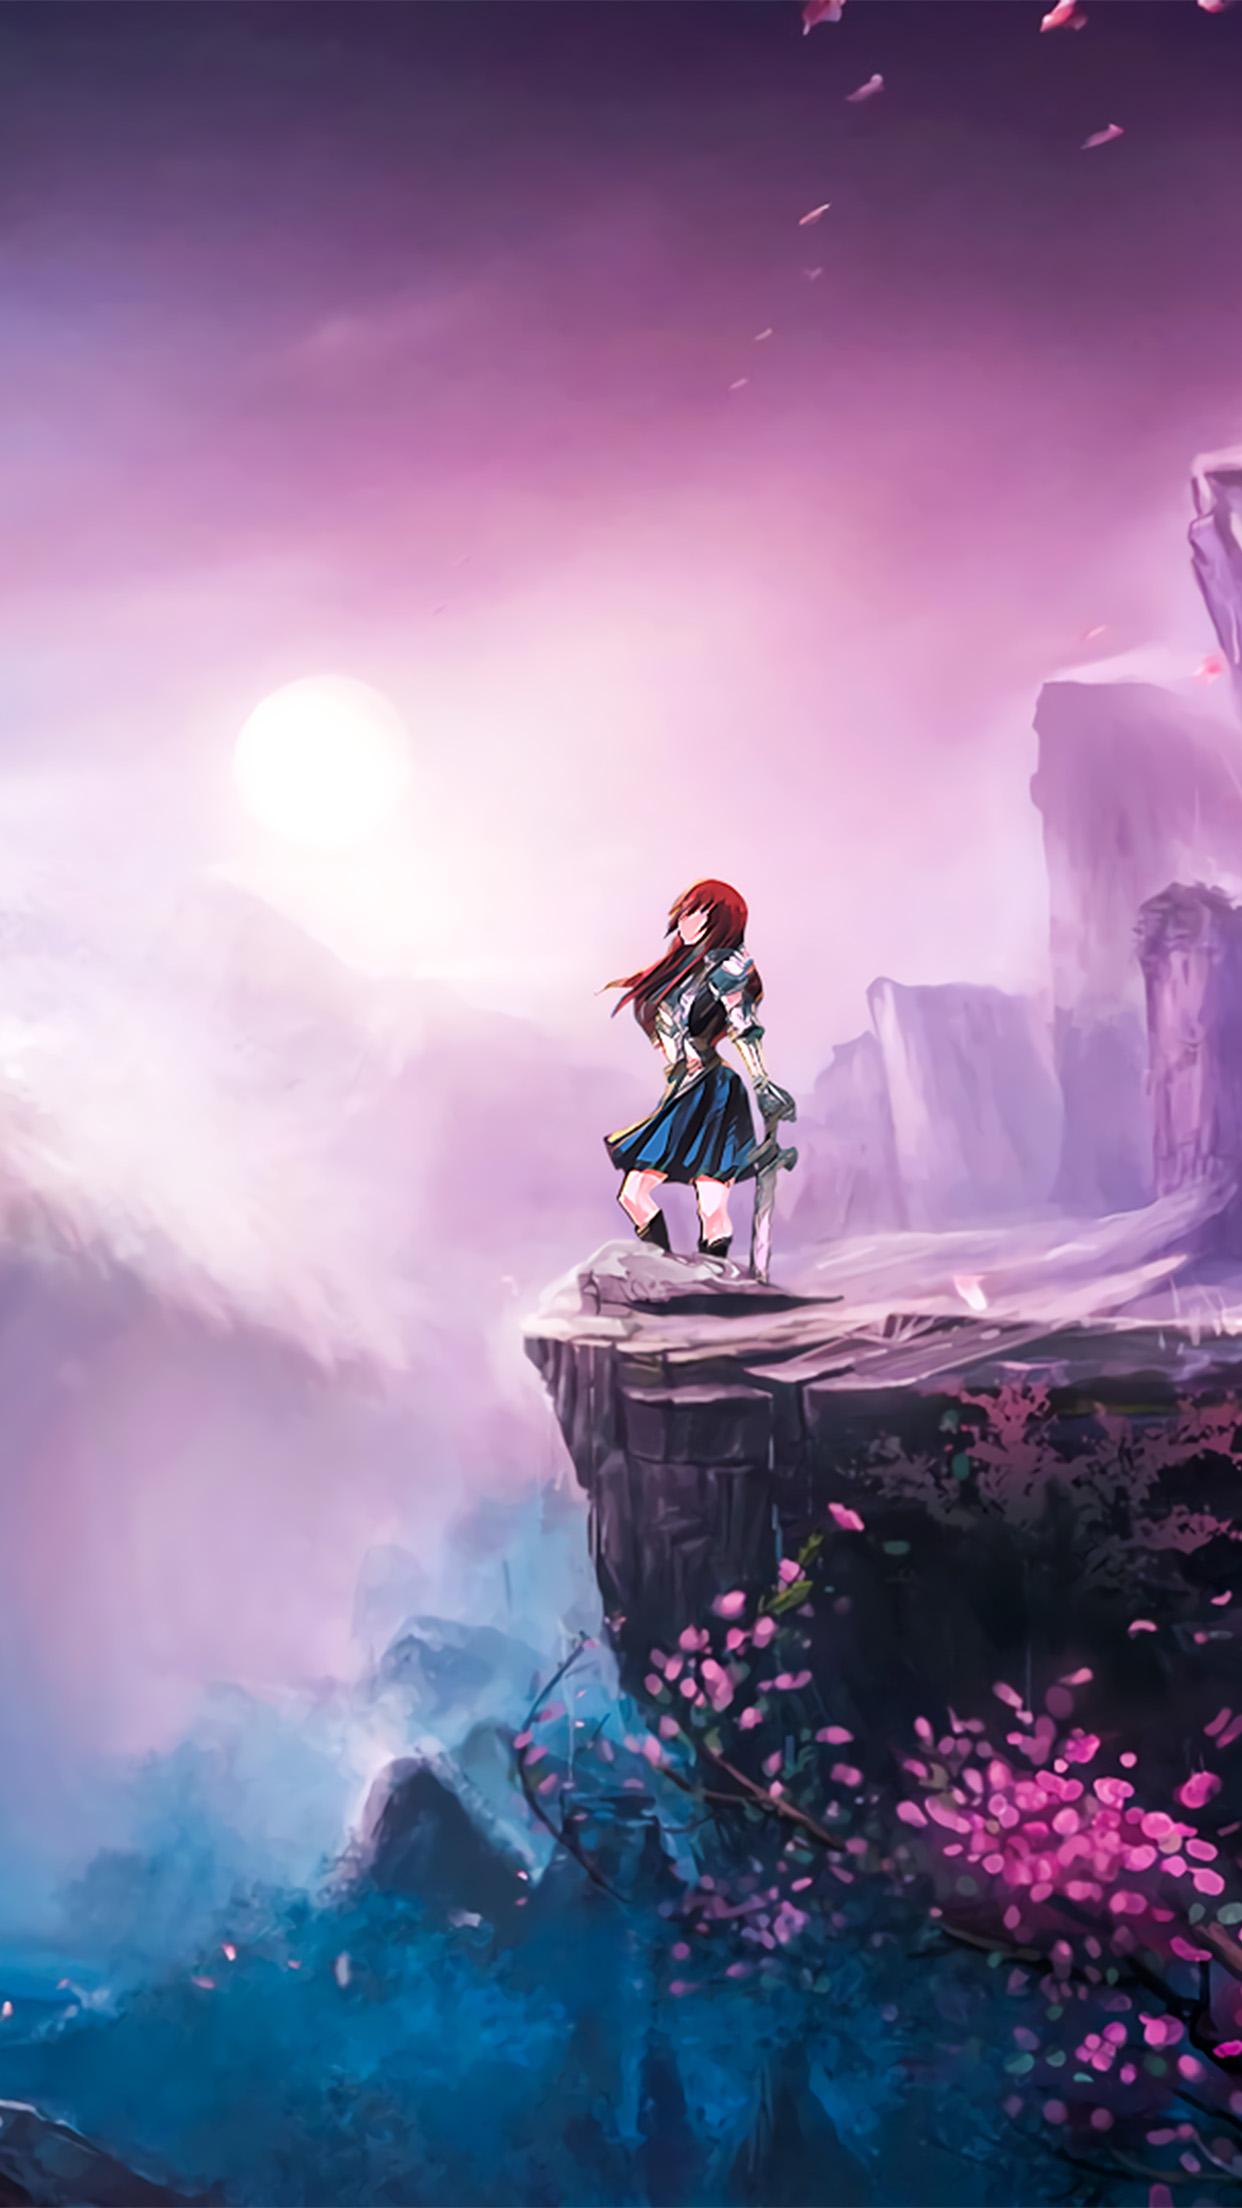 Bc51 Anime Girl Spring Japan Art Illustration Wallpaper